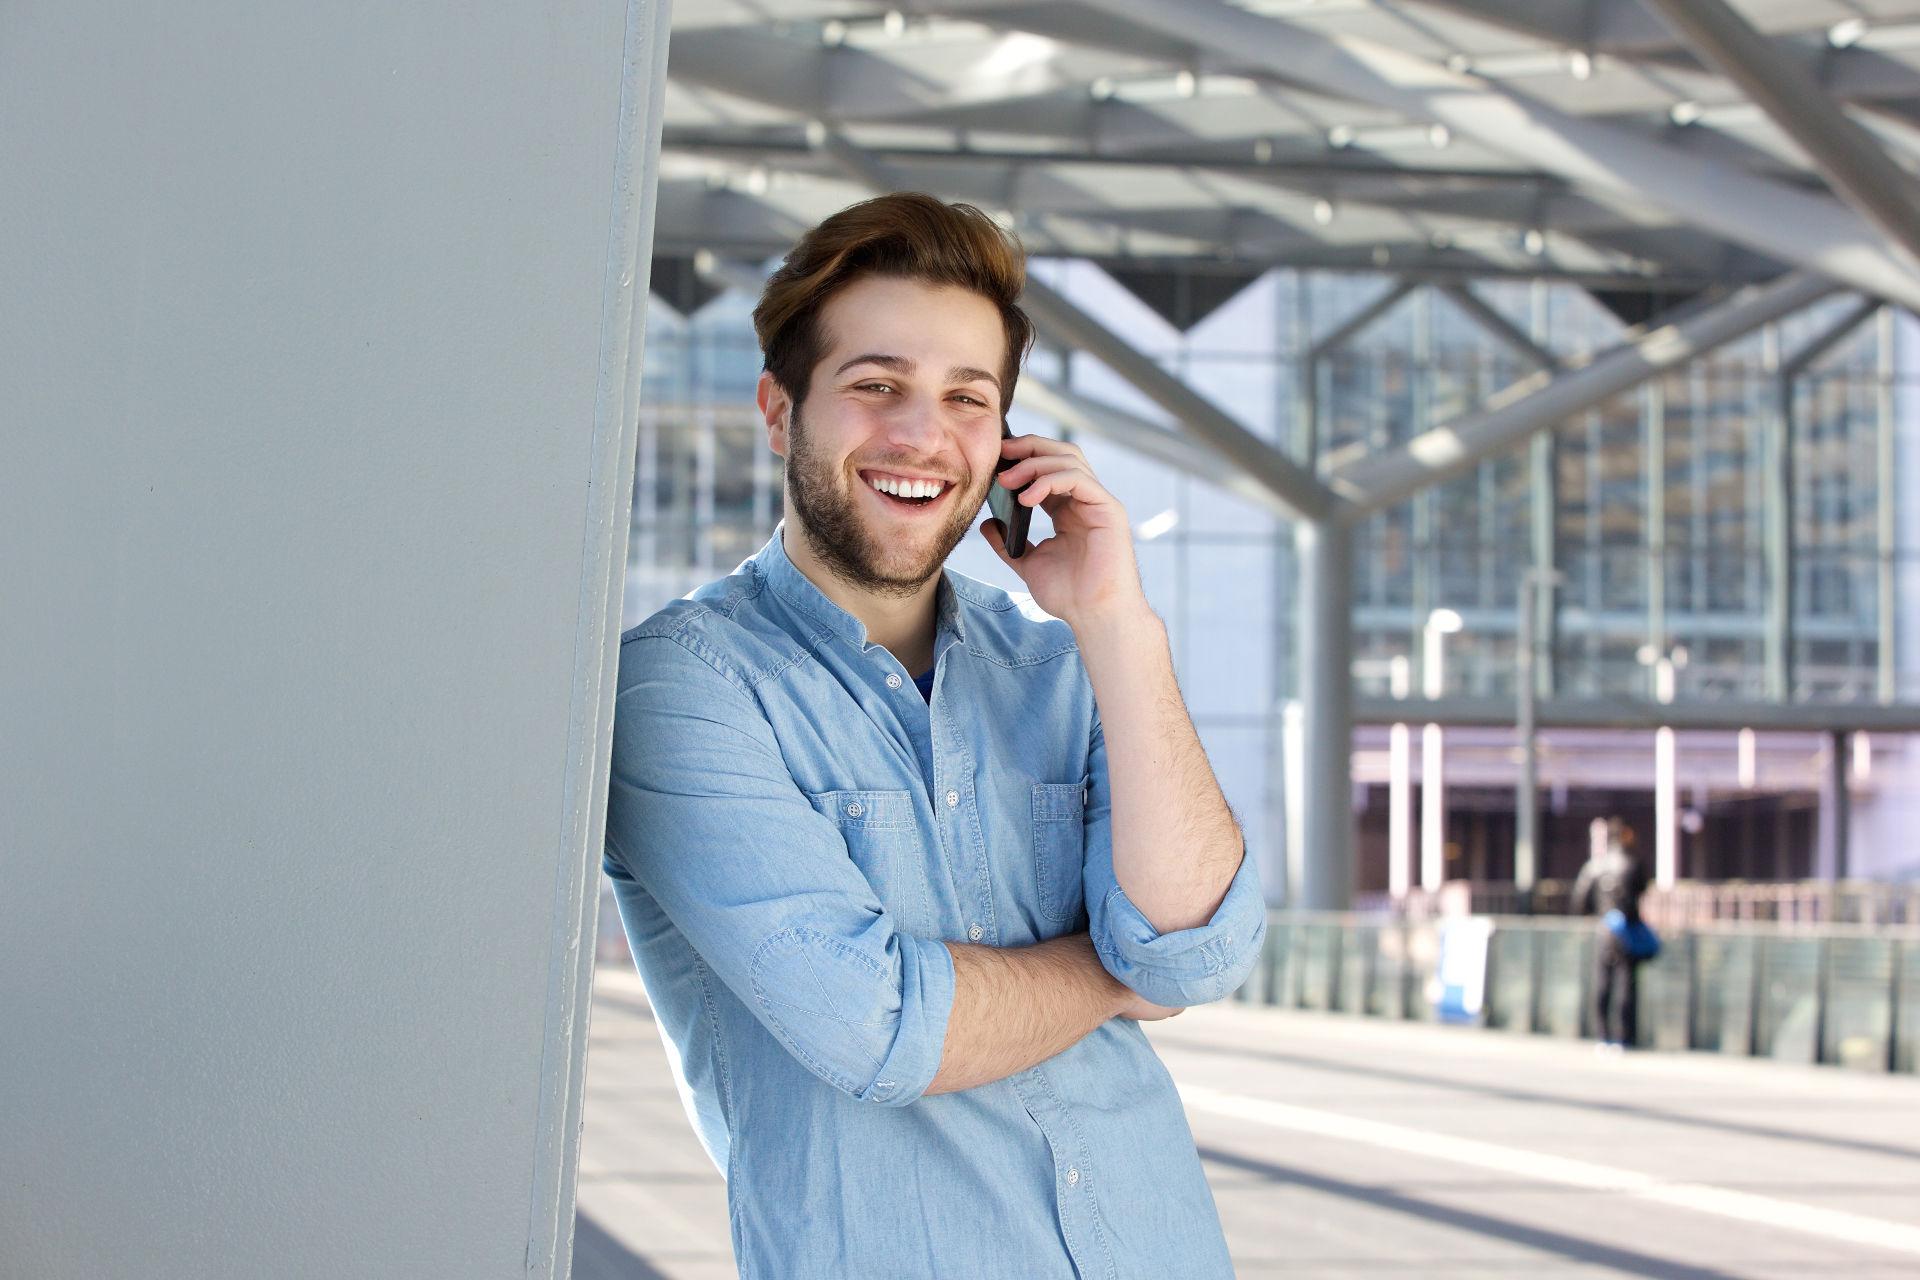 Voyance privée par téléphone